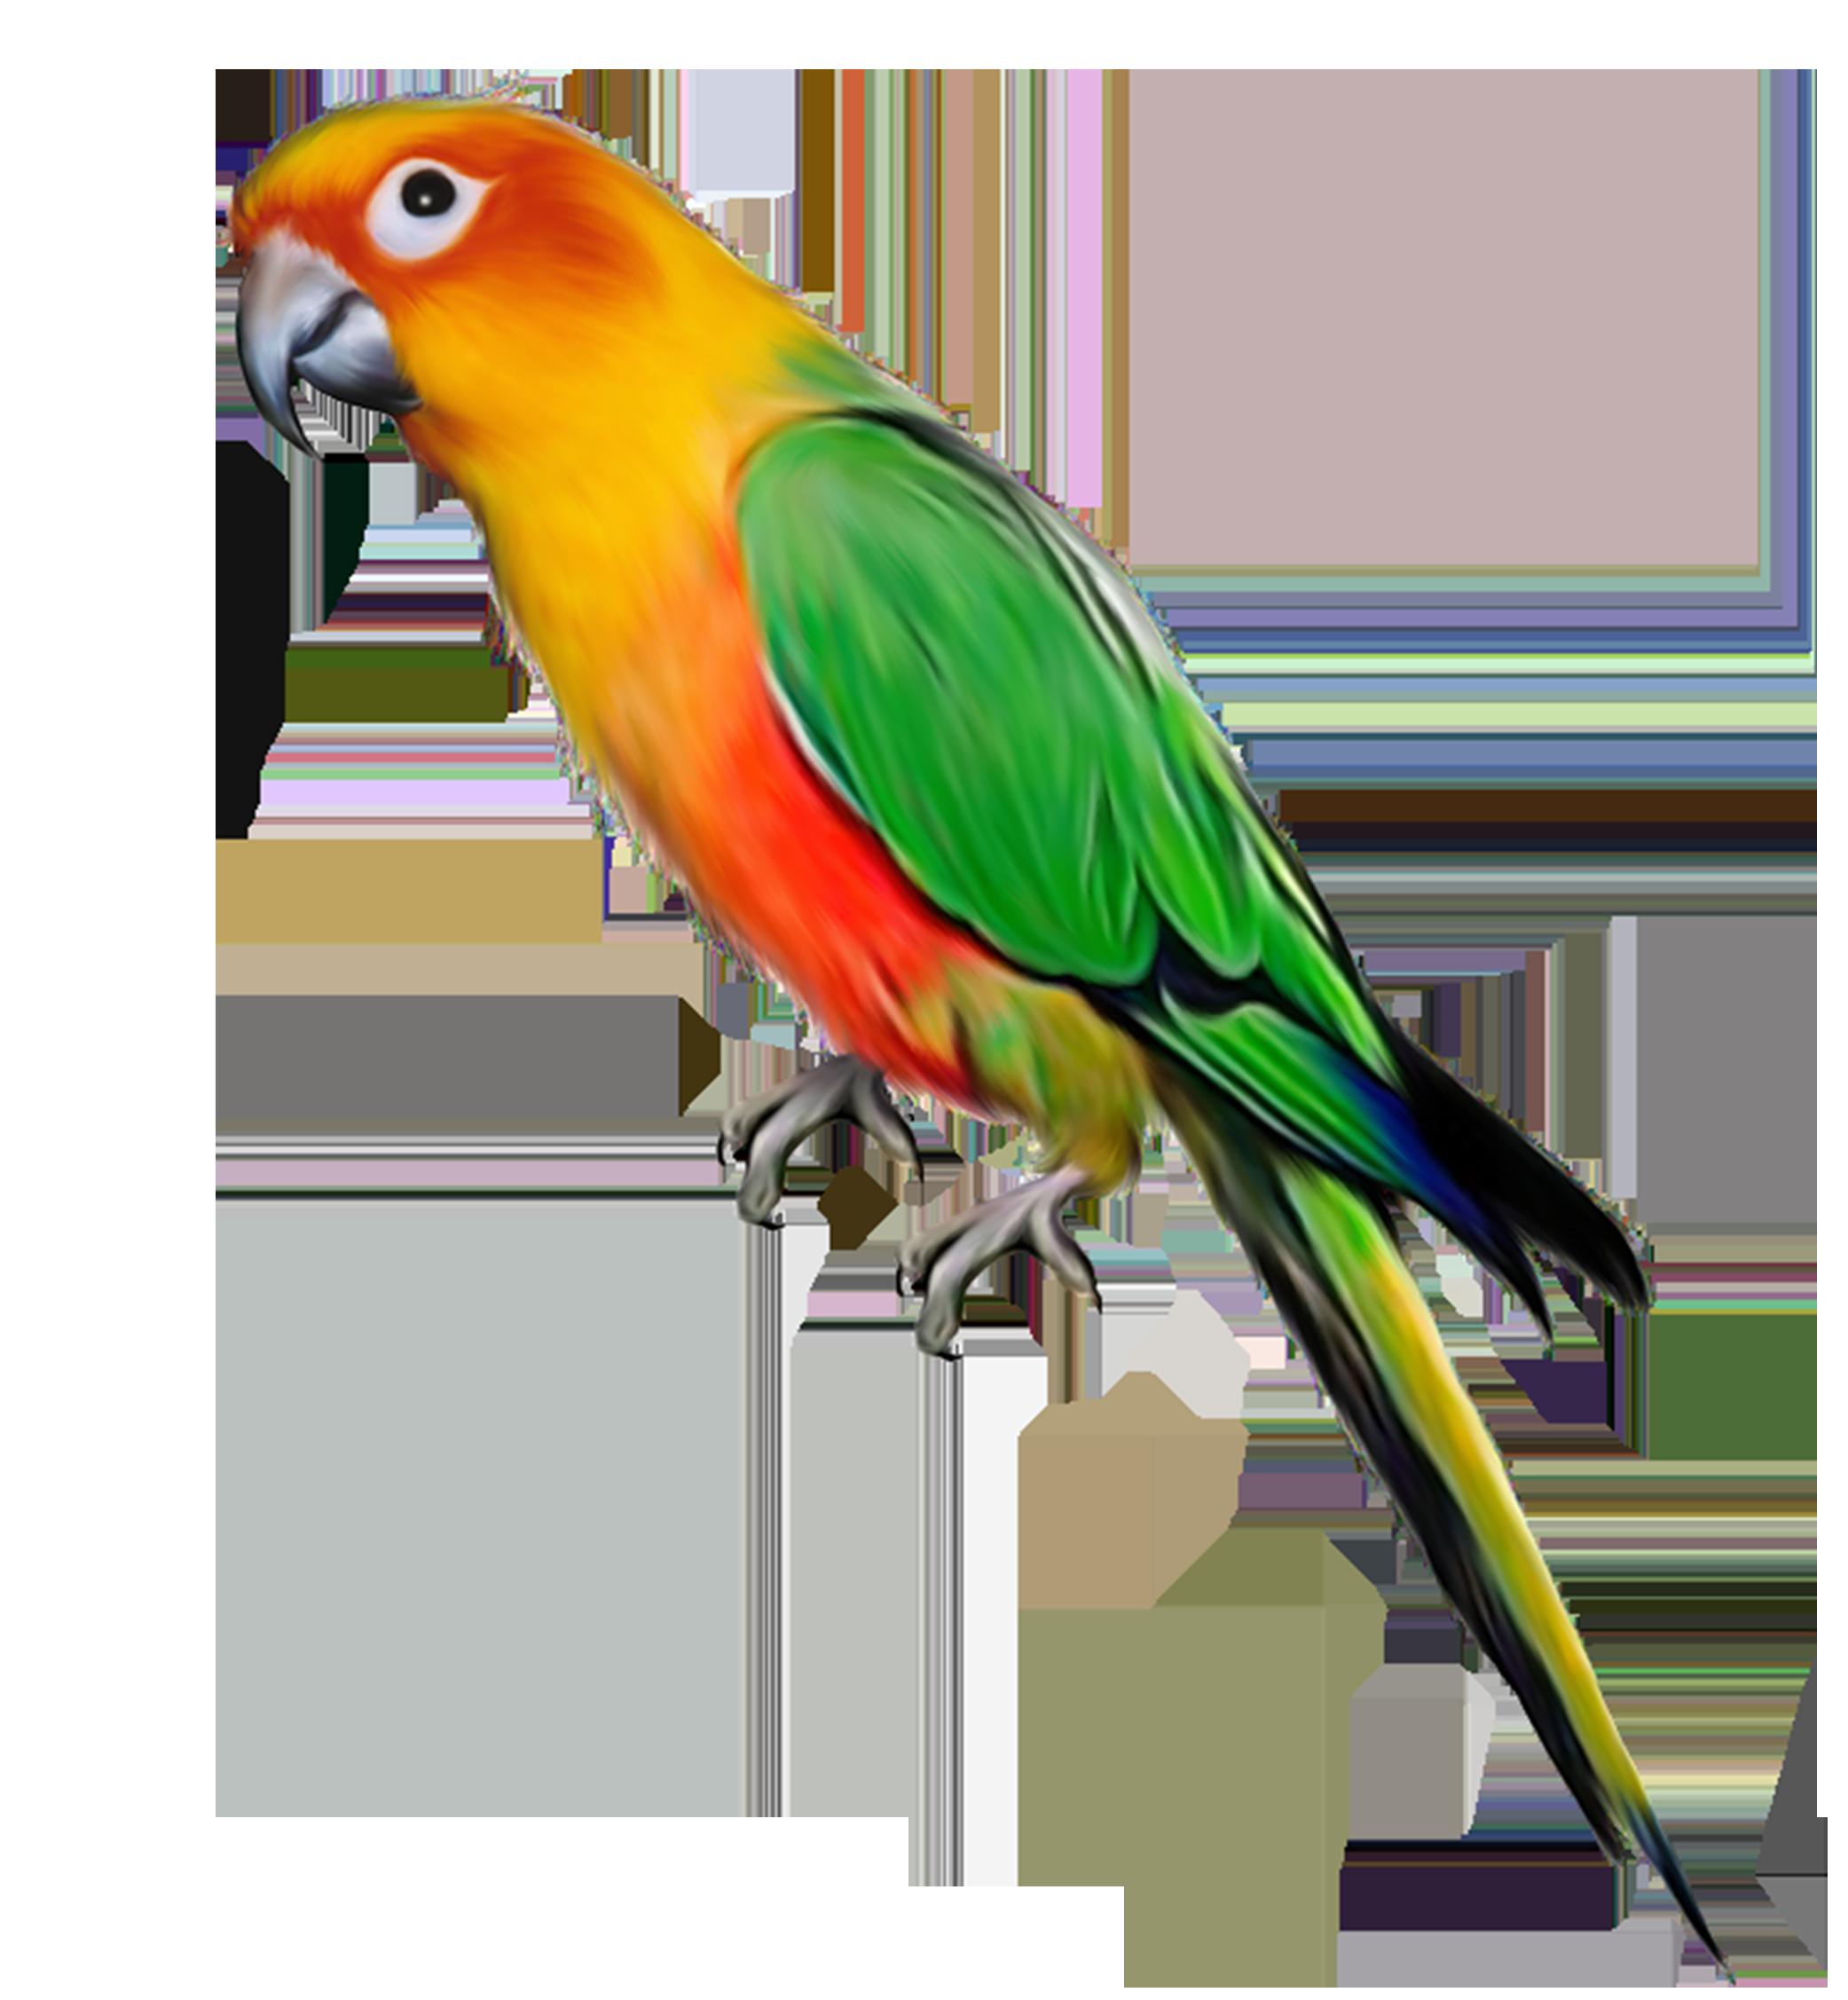 Parrot clipart budgie. Bird clip art color